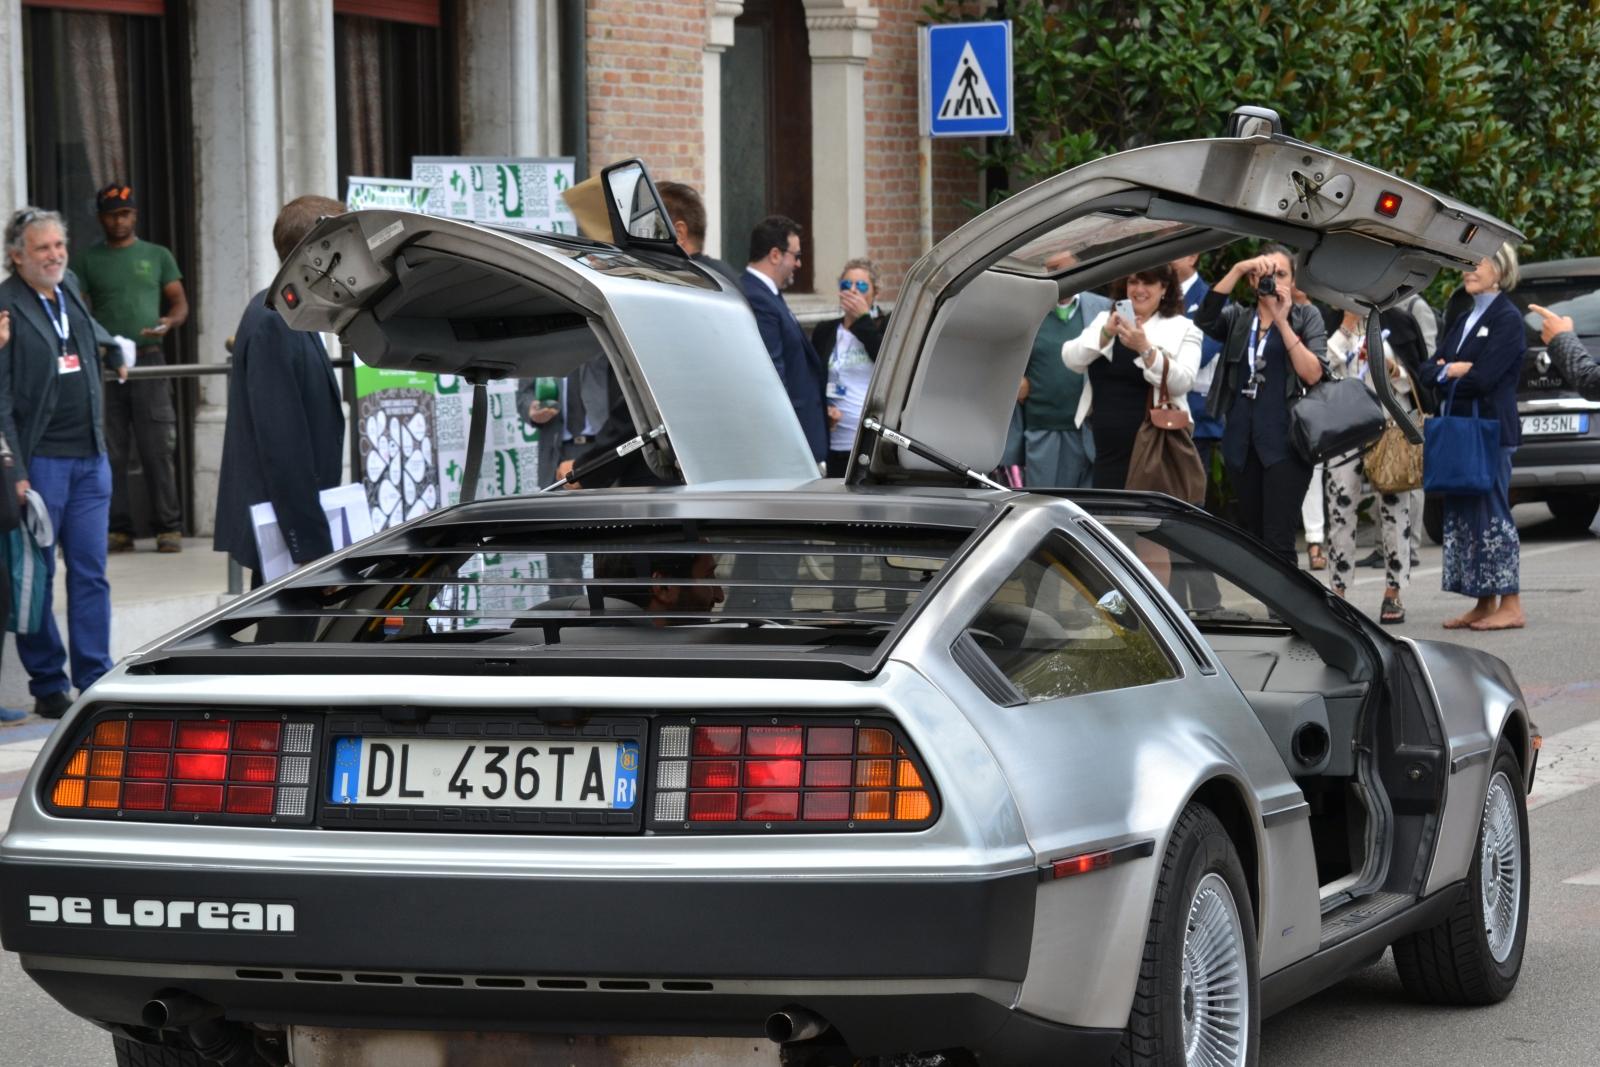 Ritorno al Futuro a Venezia 2015 - la DeLorean parcheggiata in zona Festival